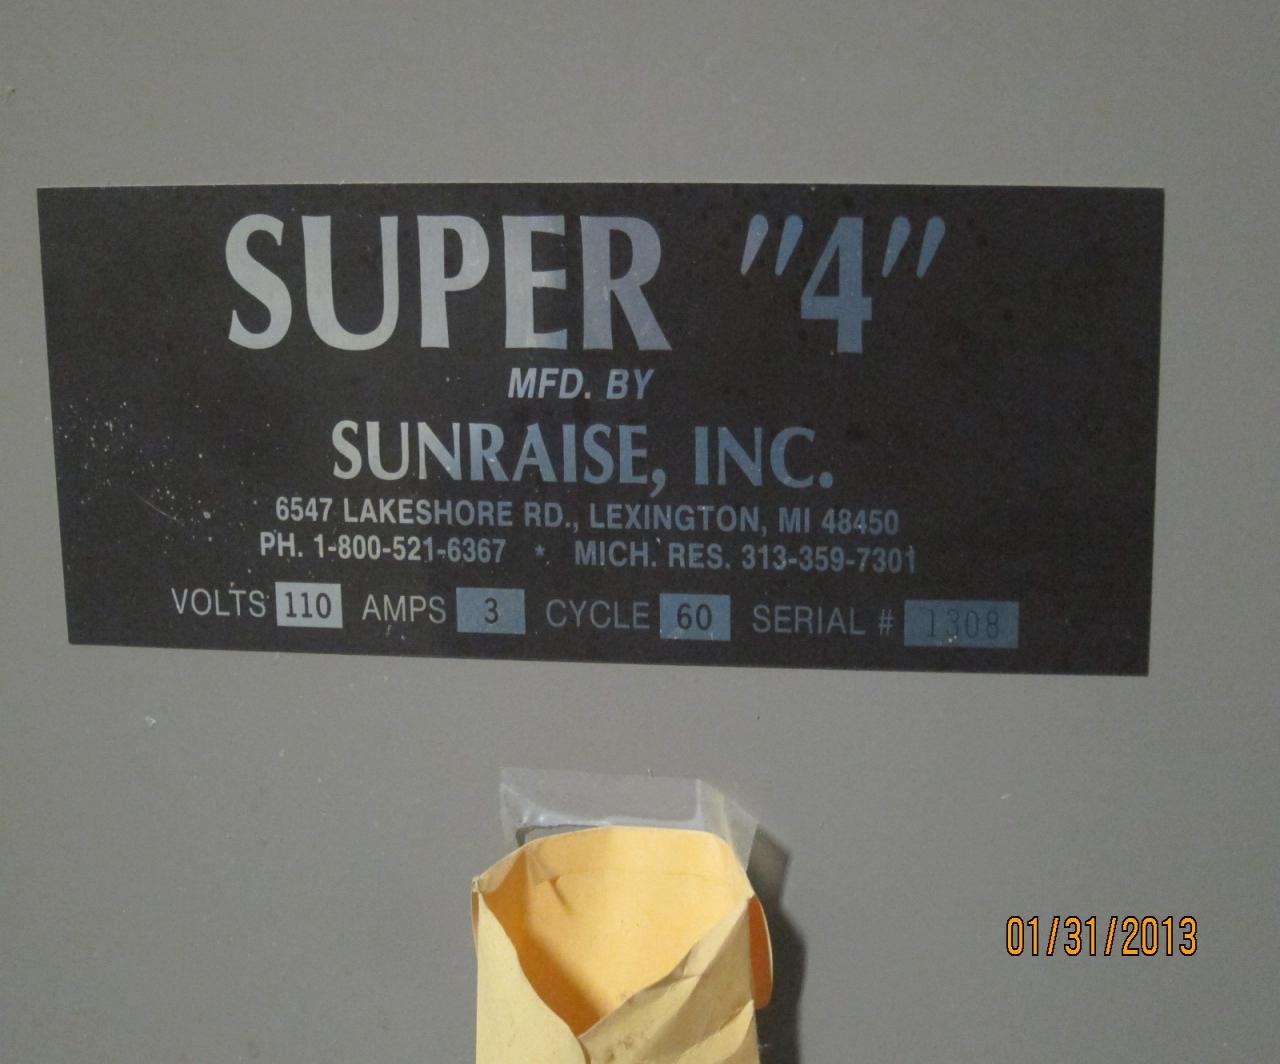 Lot 52 Sunraise Super 4 Business Card Slitter WireBids